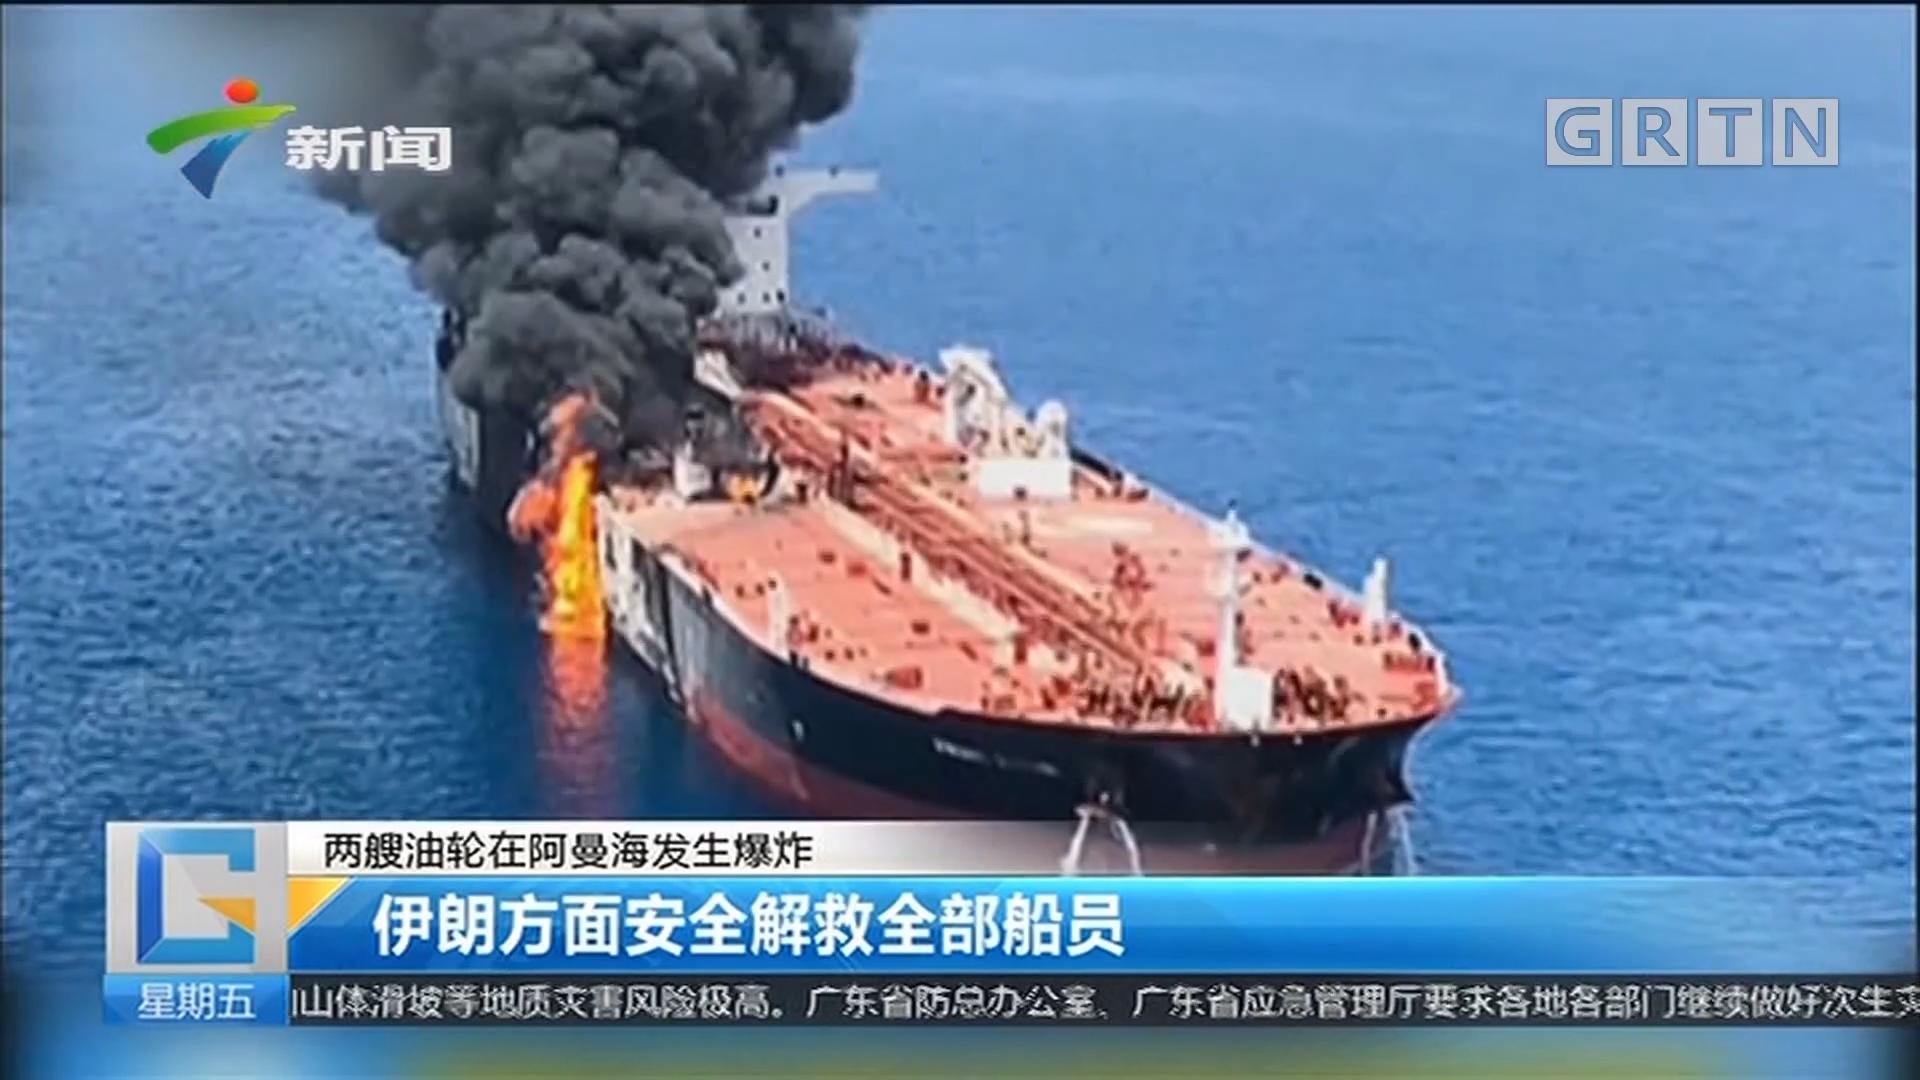 两艘油轮在阿曼海发生爆炸:伊朗方面安全解救全部船员